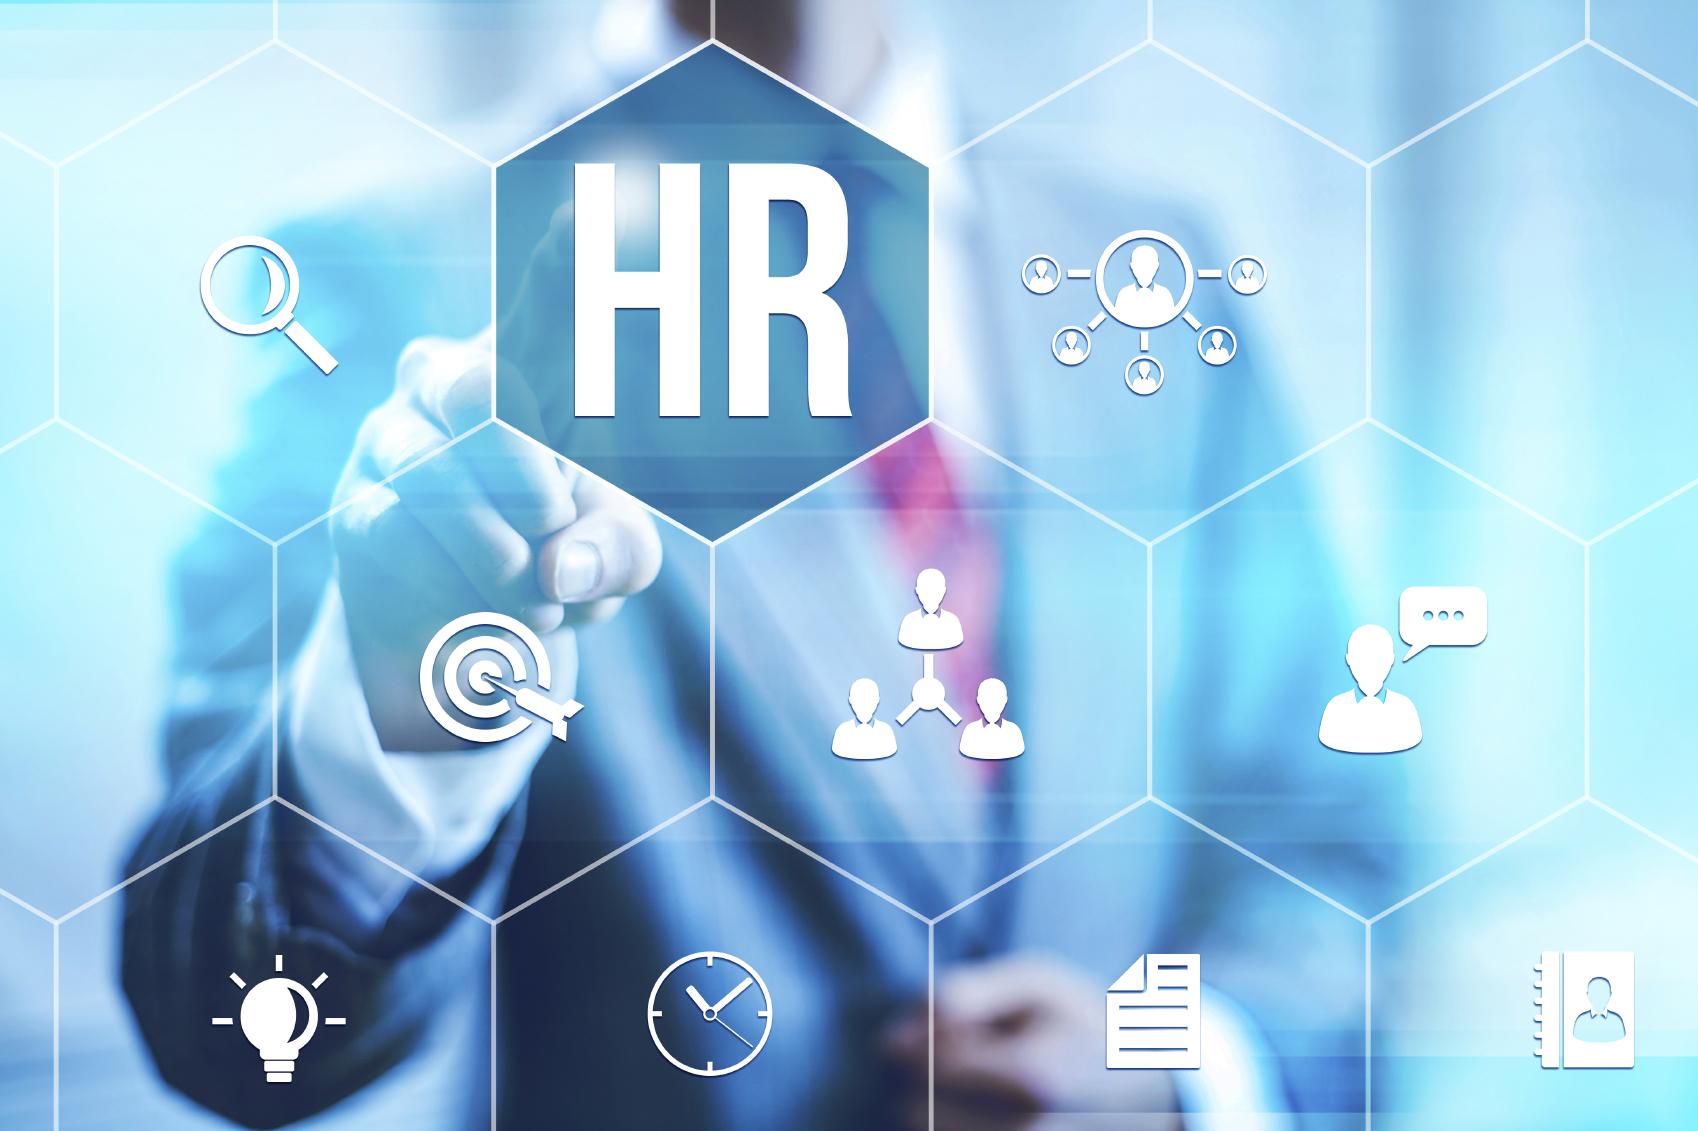 Những kỹ năng quản lý nhân sự mà bất kỳ nhà quản lý nhân sự nào cũng cảm thấy hiệu quả phần 1